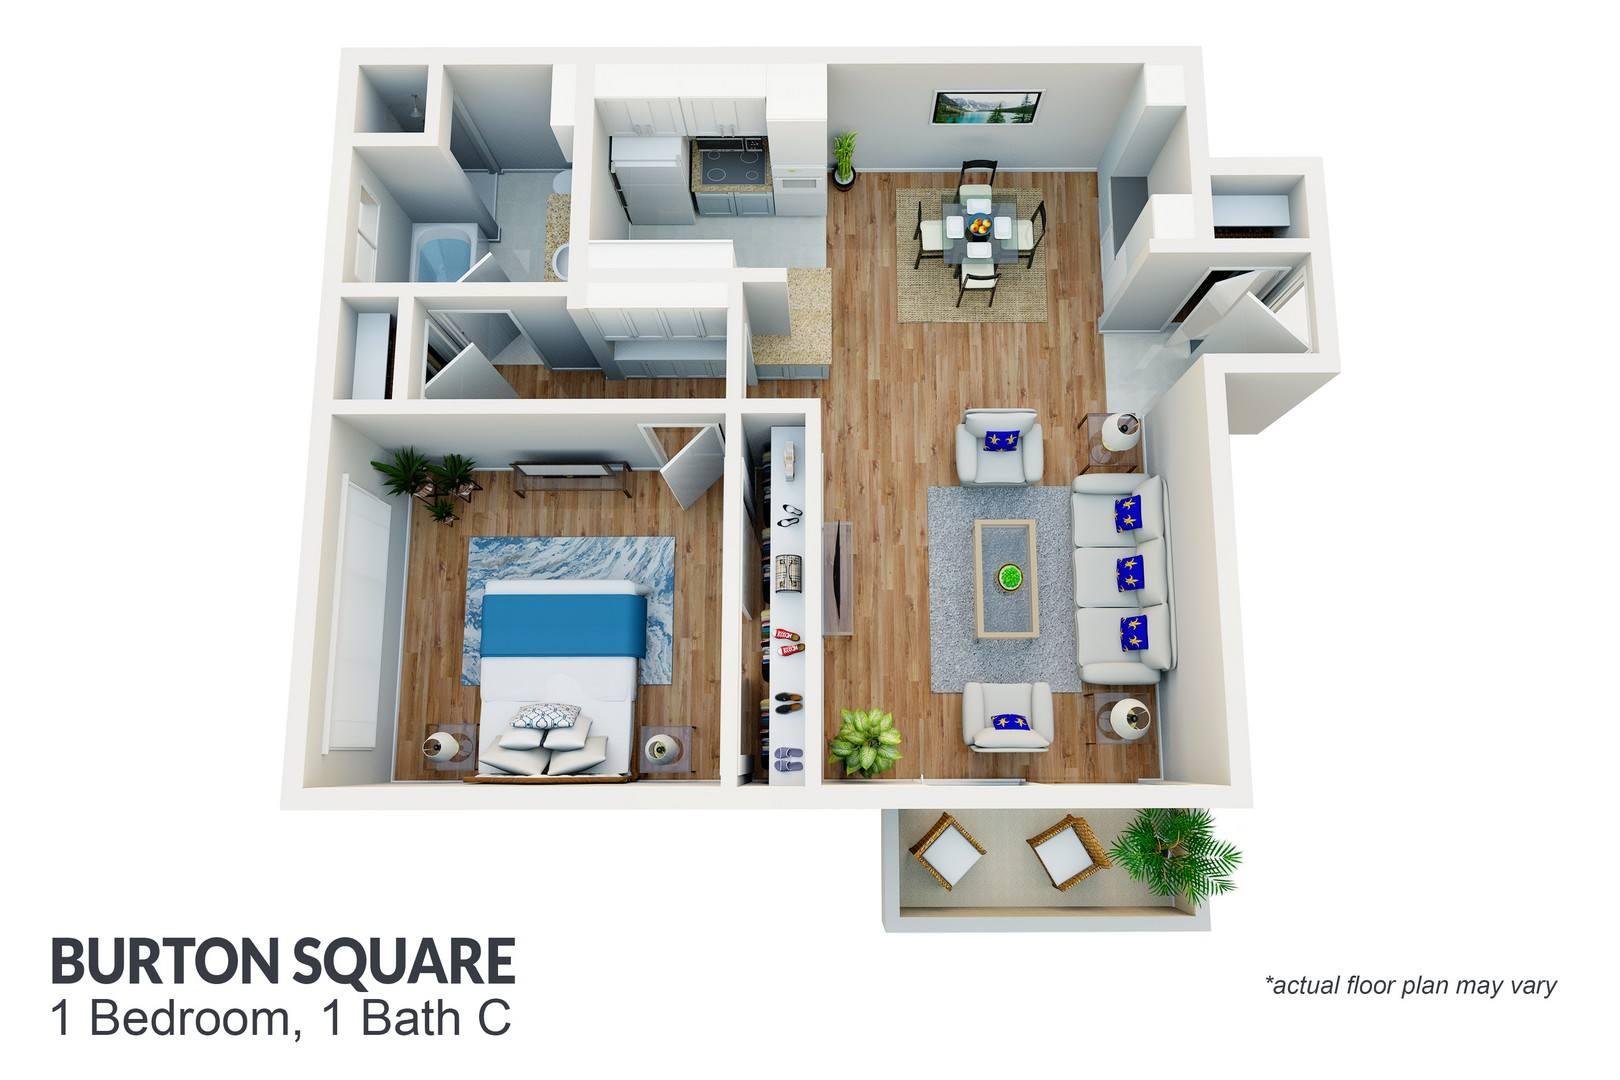 Burton Square